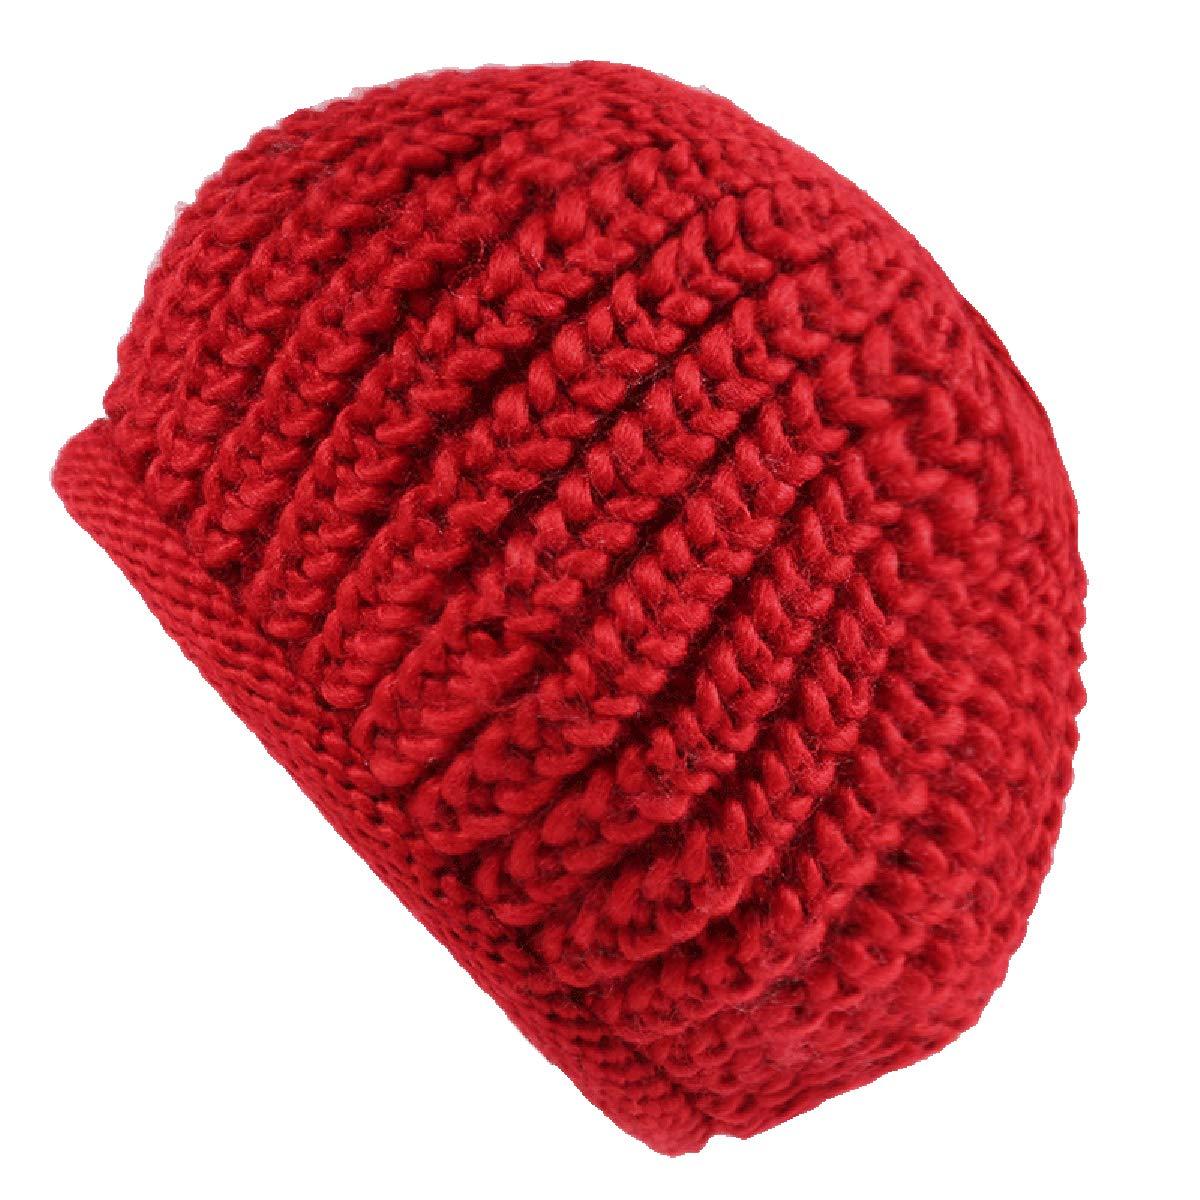 CACUSS Women's French Beret Hat Autumn Knitted Winter Warm Cap Beanie Hat Z0312Beige